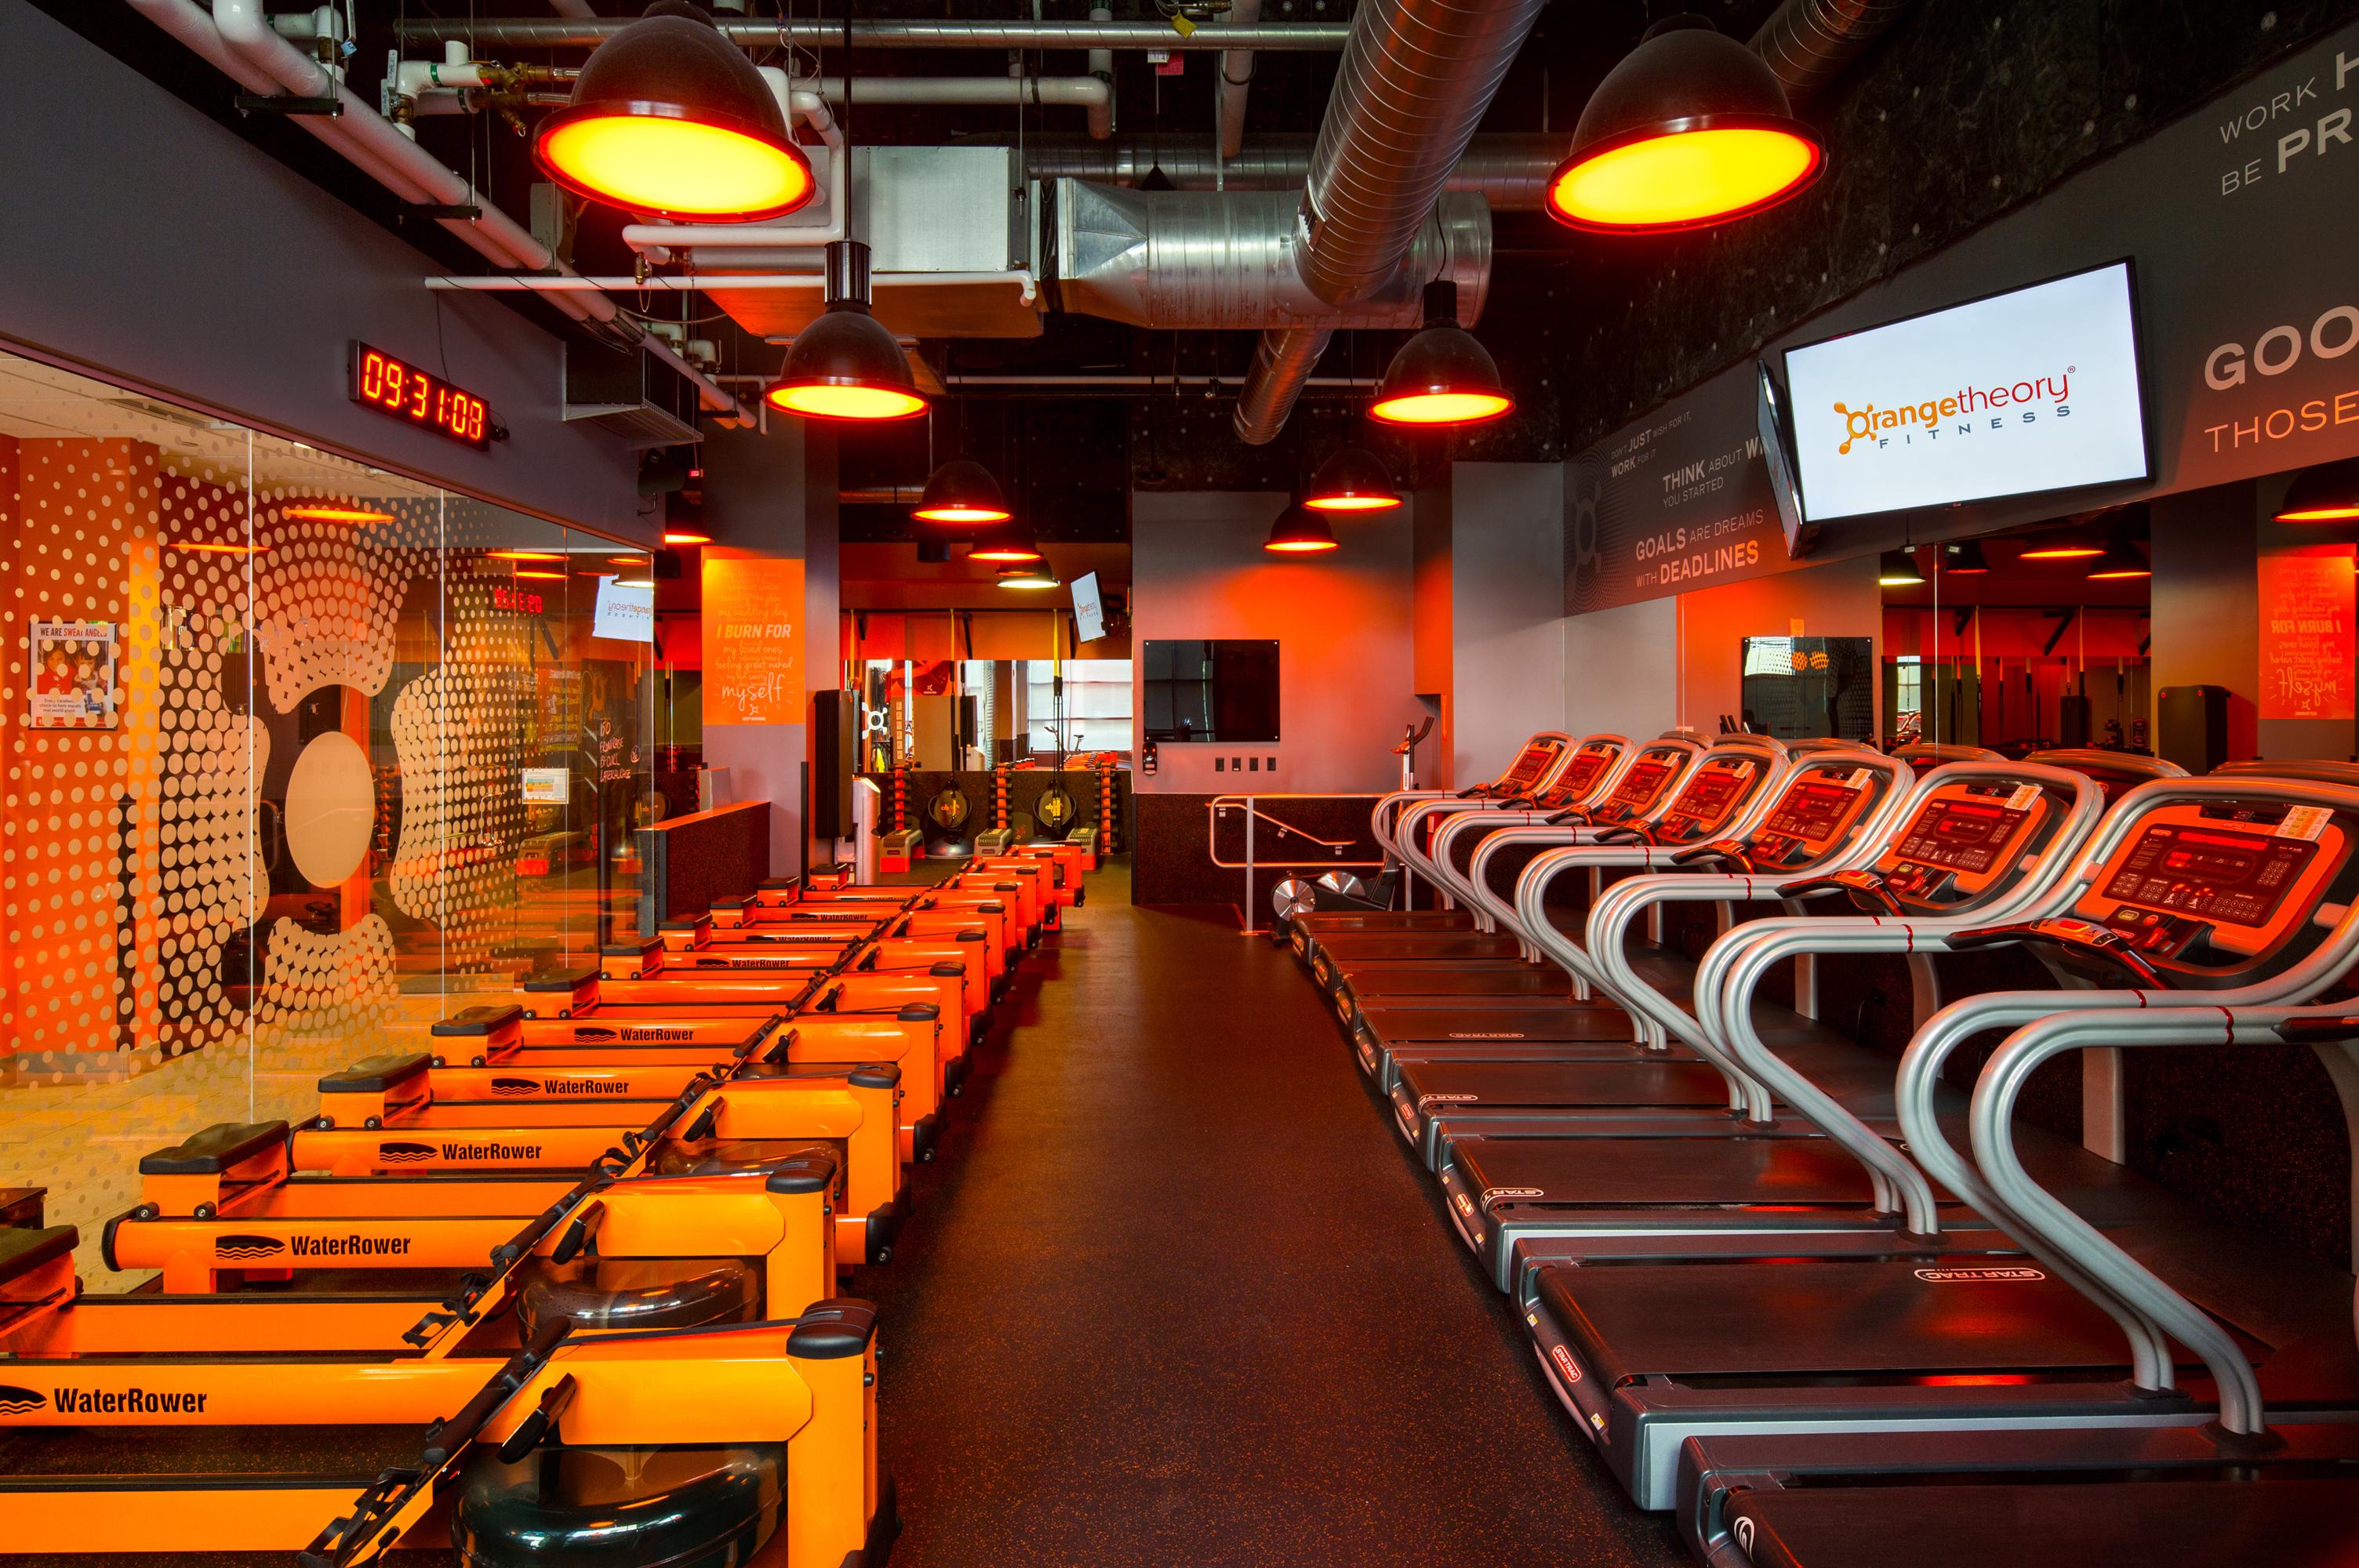 Fitness Center Buildout, Denver Colorado- Jordy Construction Orange Theory 2